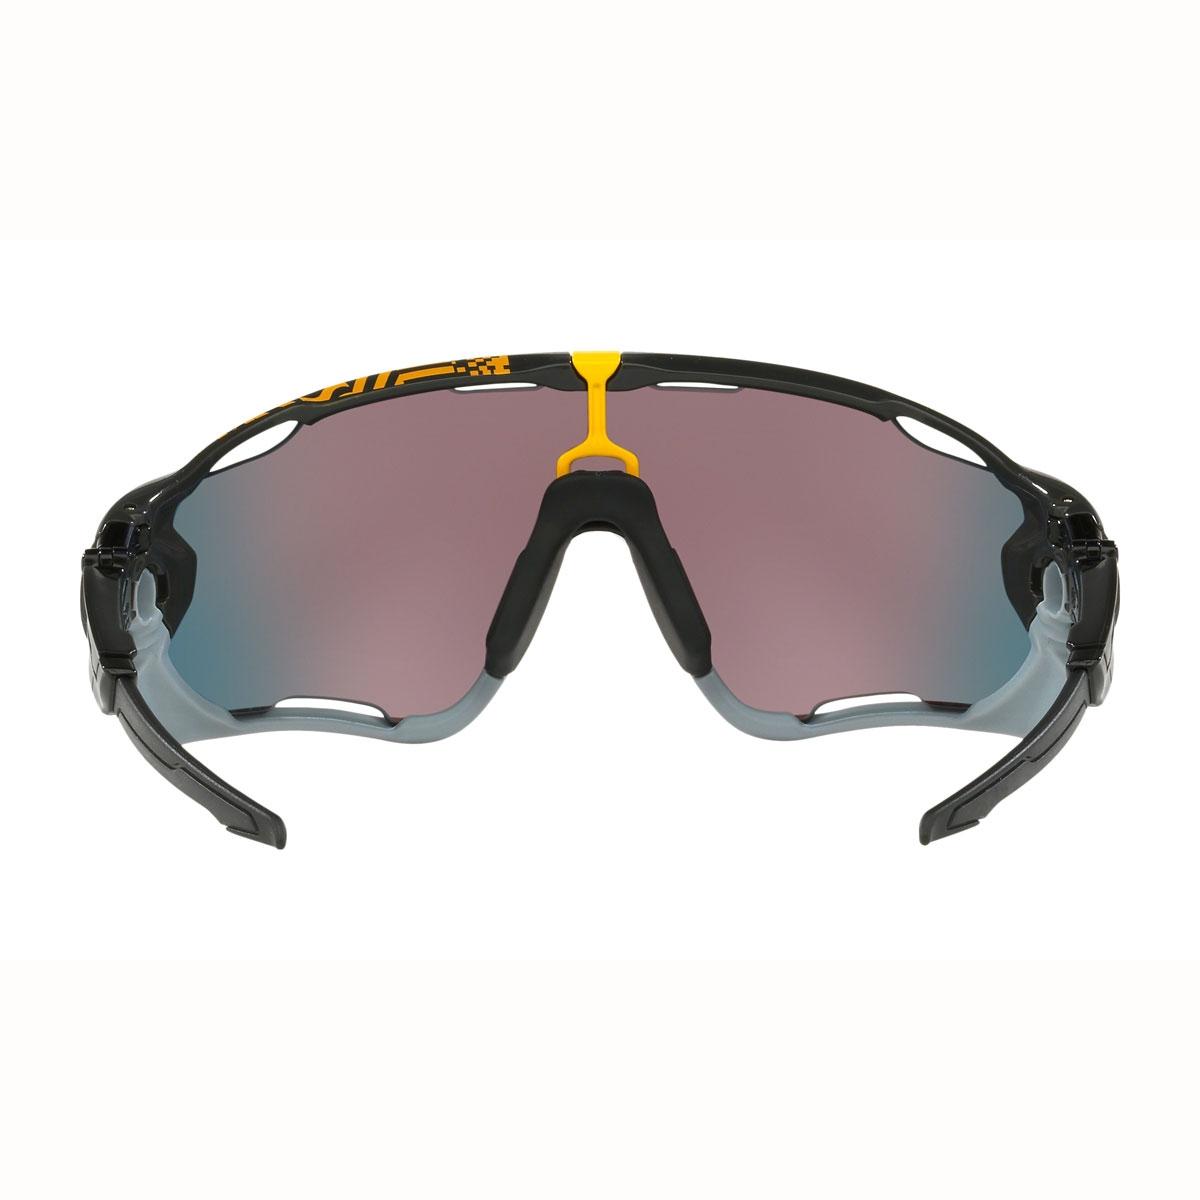 bff777ddcb ... Image of Oakley Jawbreaker Tour De France 2018 Sunglasses - Carbon  Frame Prizm Road Lens ...